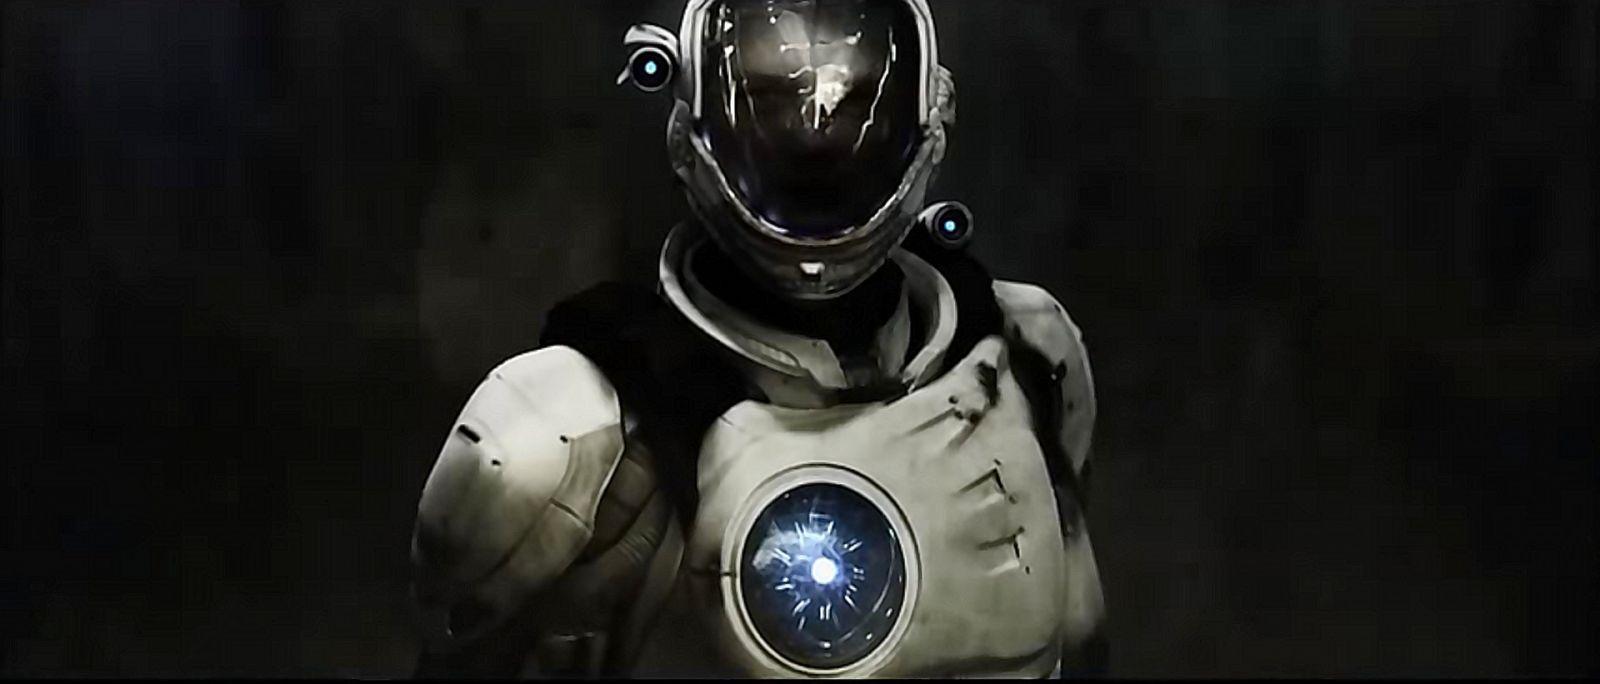 Captain-Future 2015